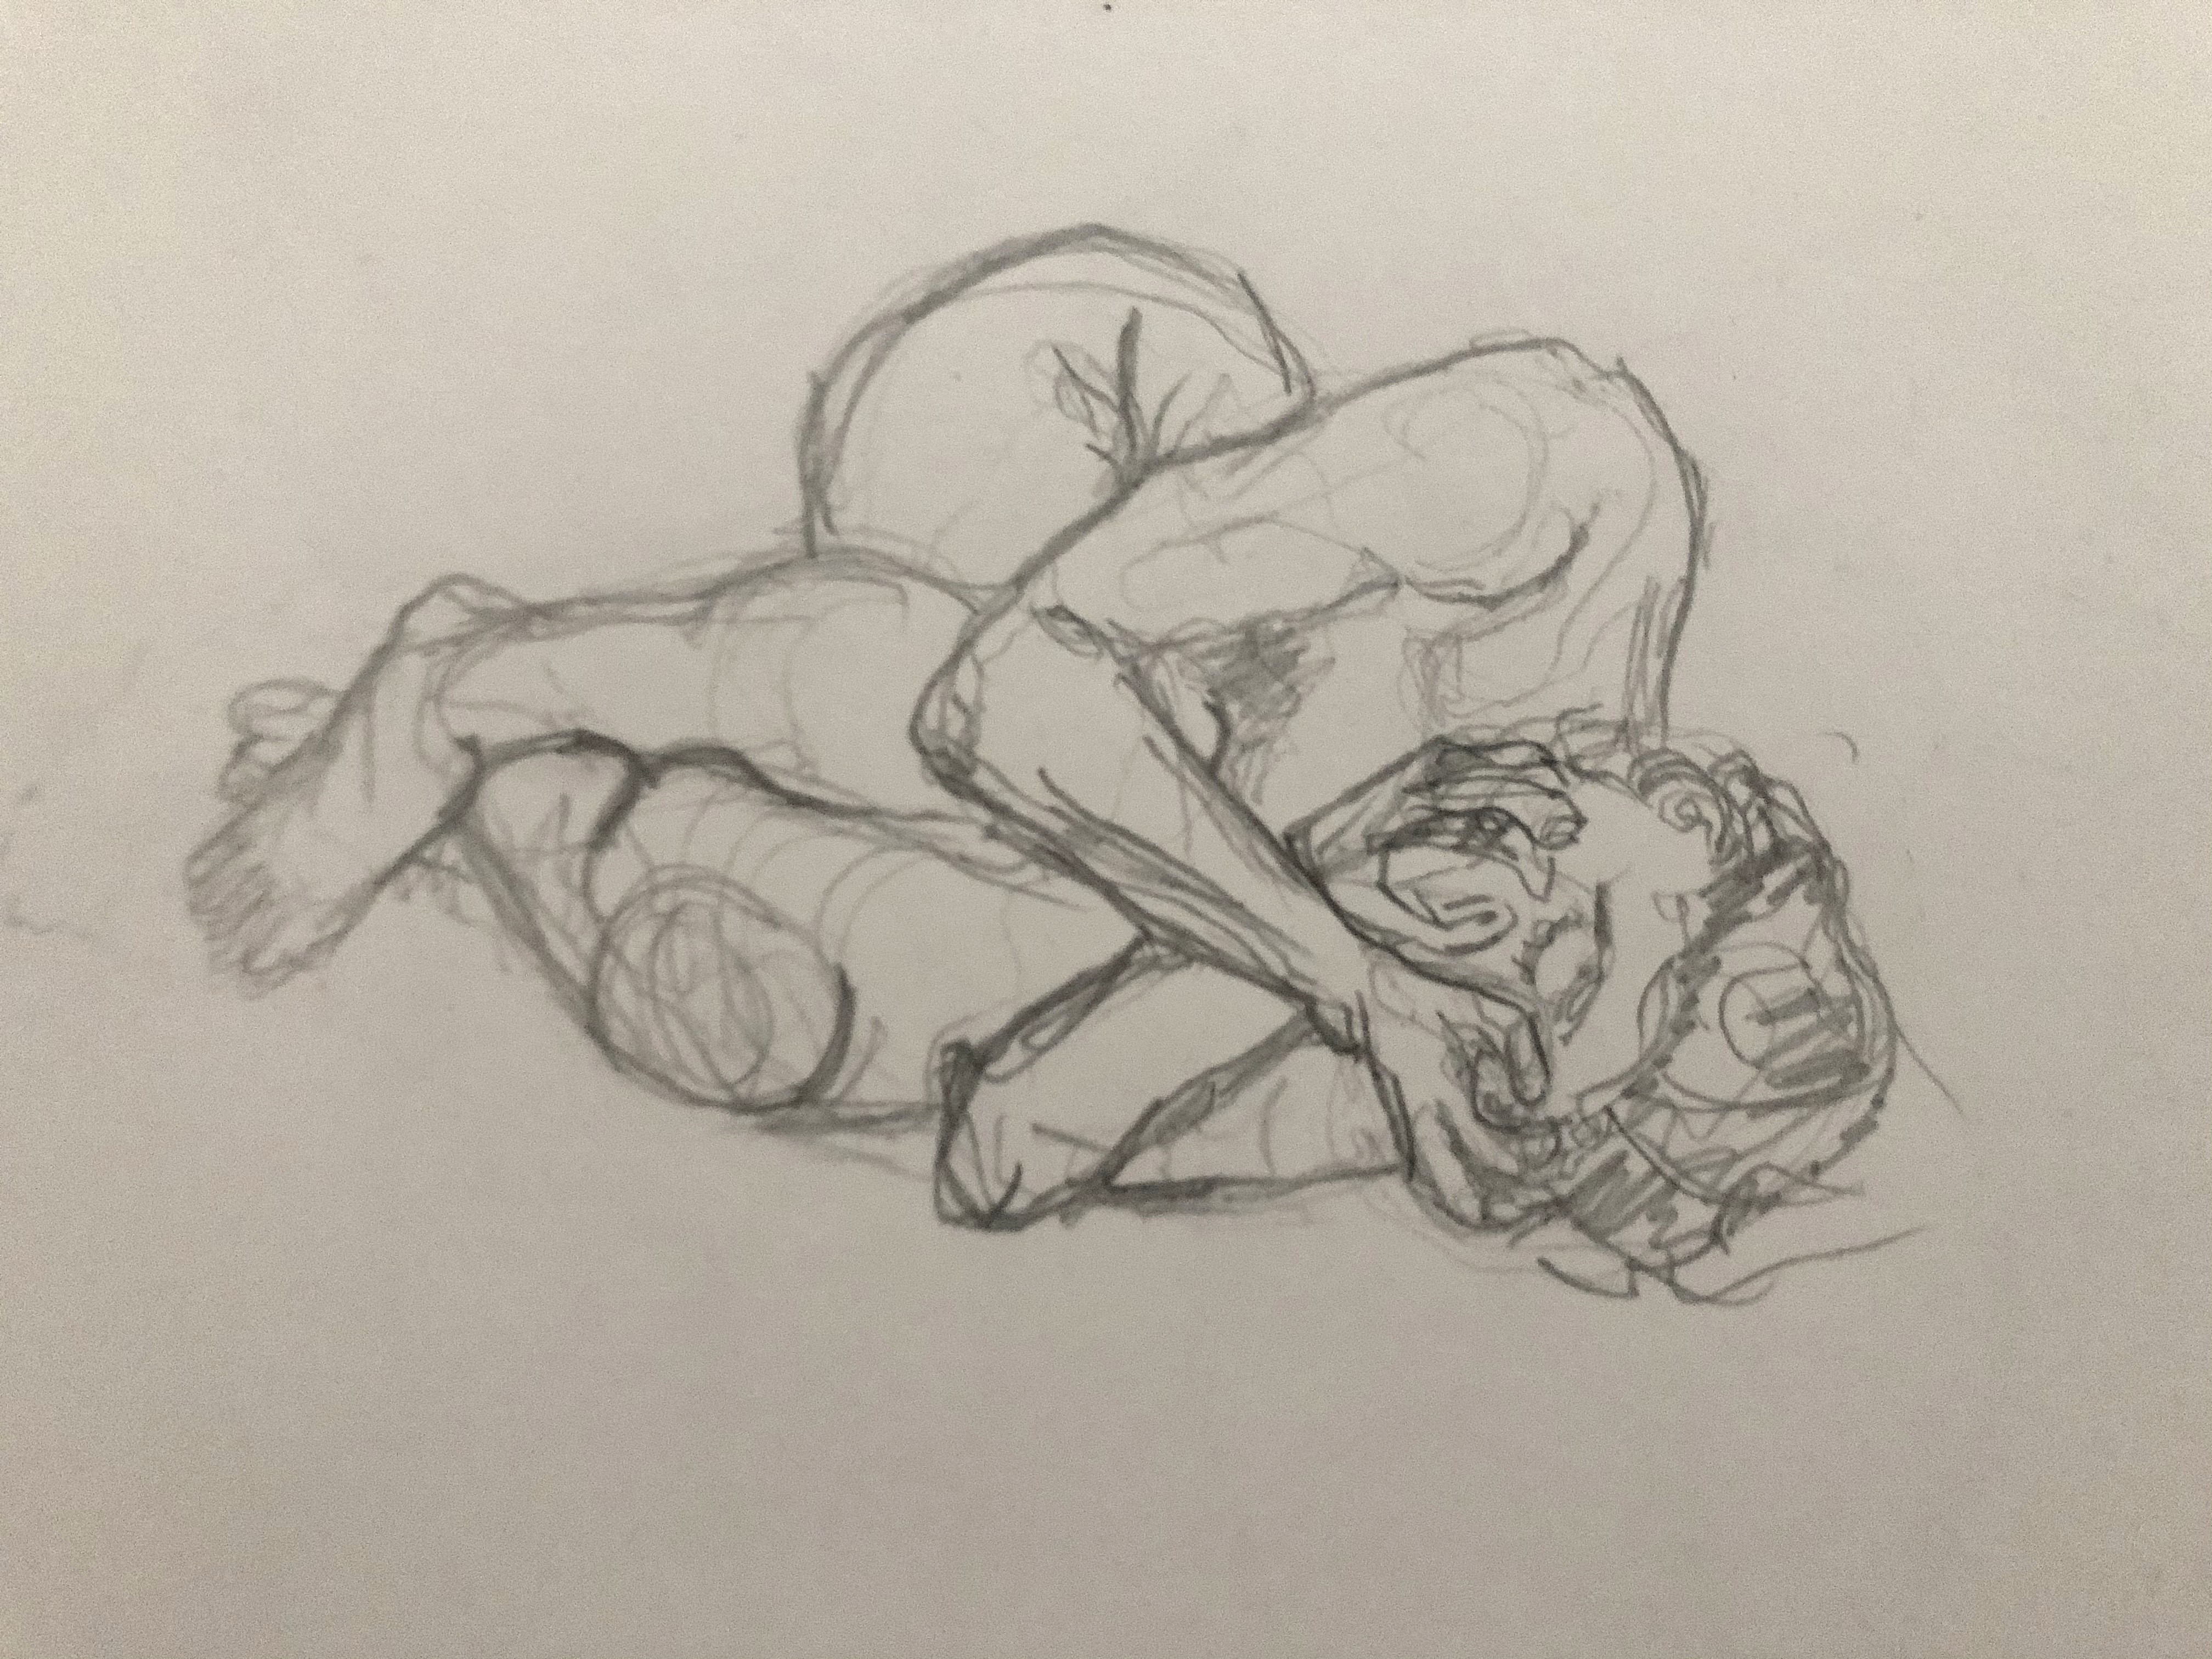 Dessin mod�le vivant allong� graphite pose regrouper  cours de dessin